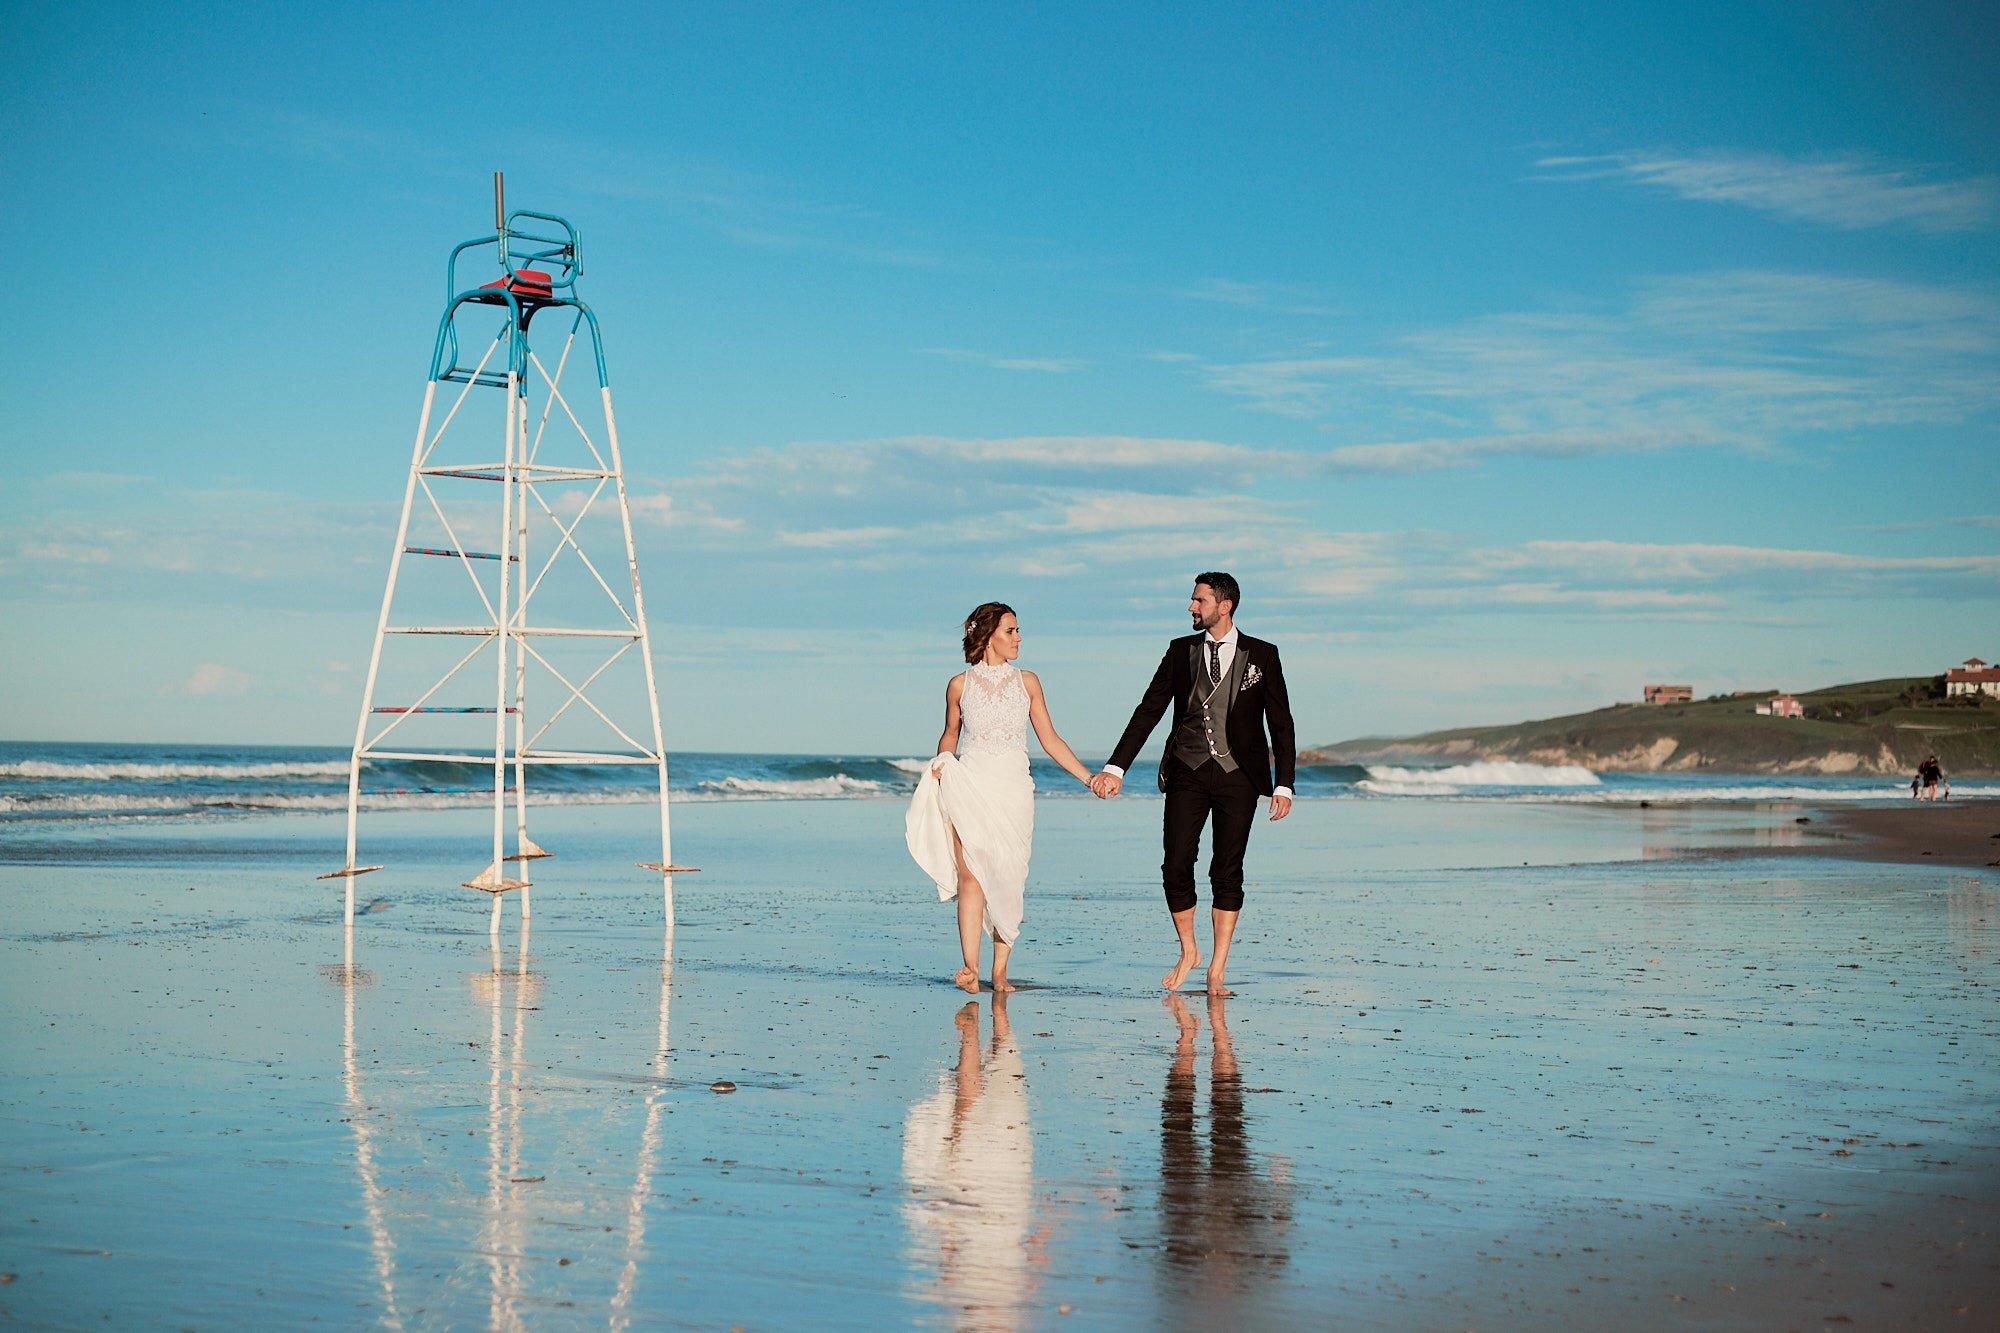 blog de bodas en cantabria, post boda en la playa de San vicente